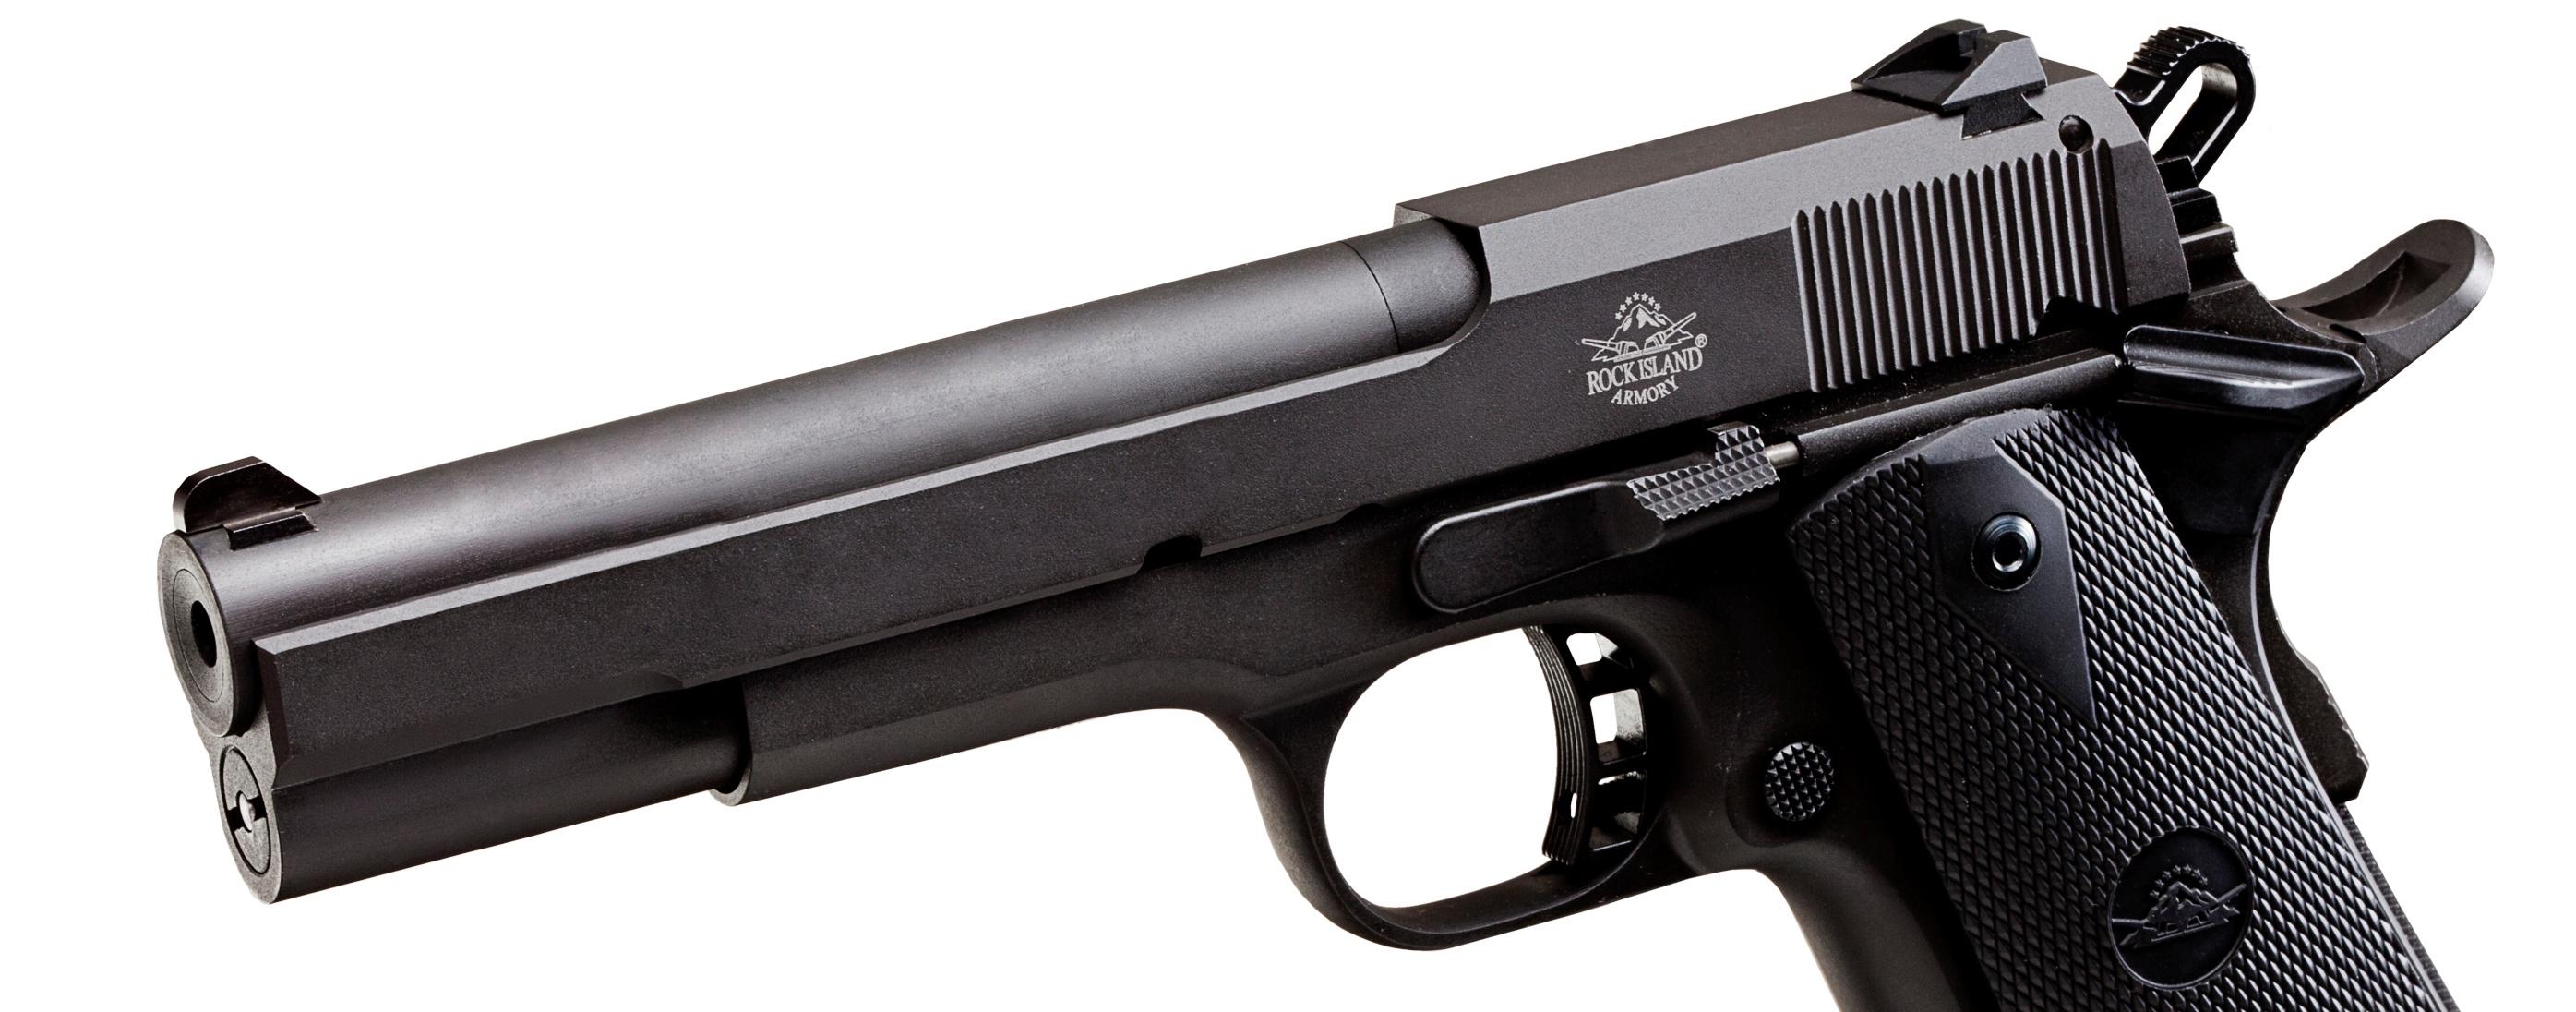 51996_1911-A1_XT_22-Magnum_FS_22mag_White-1.jpg